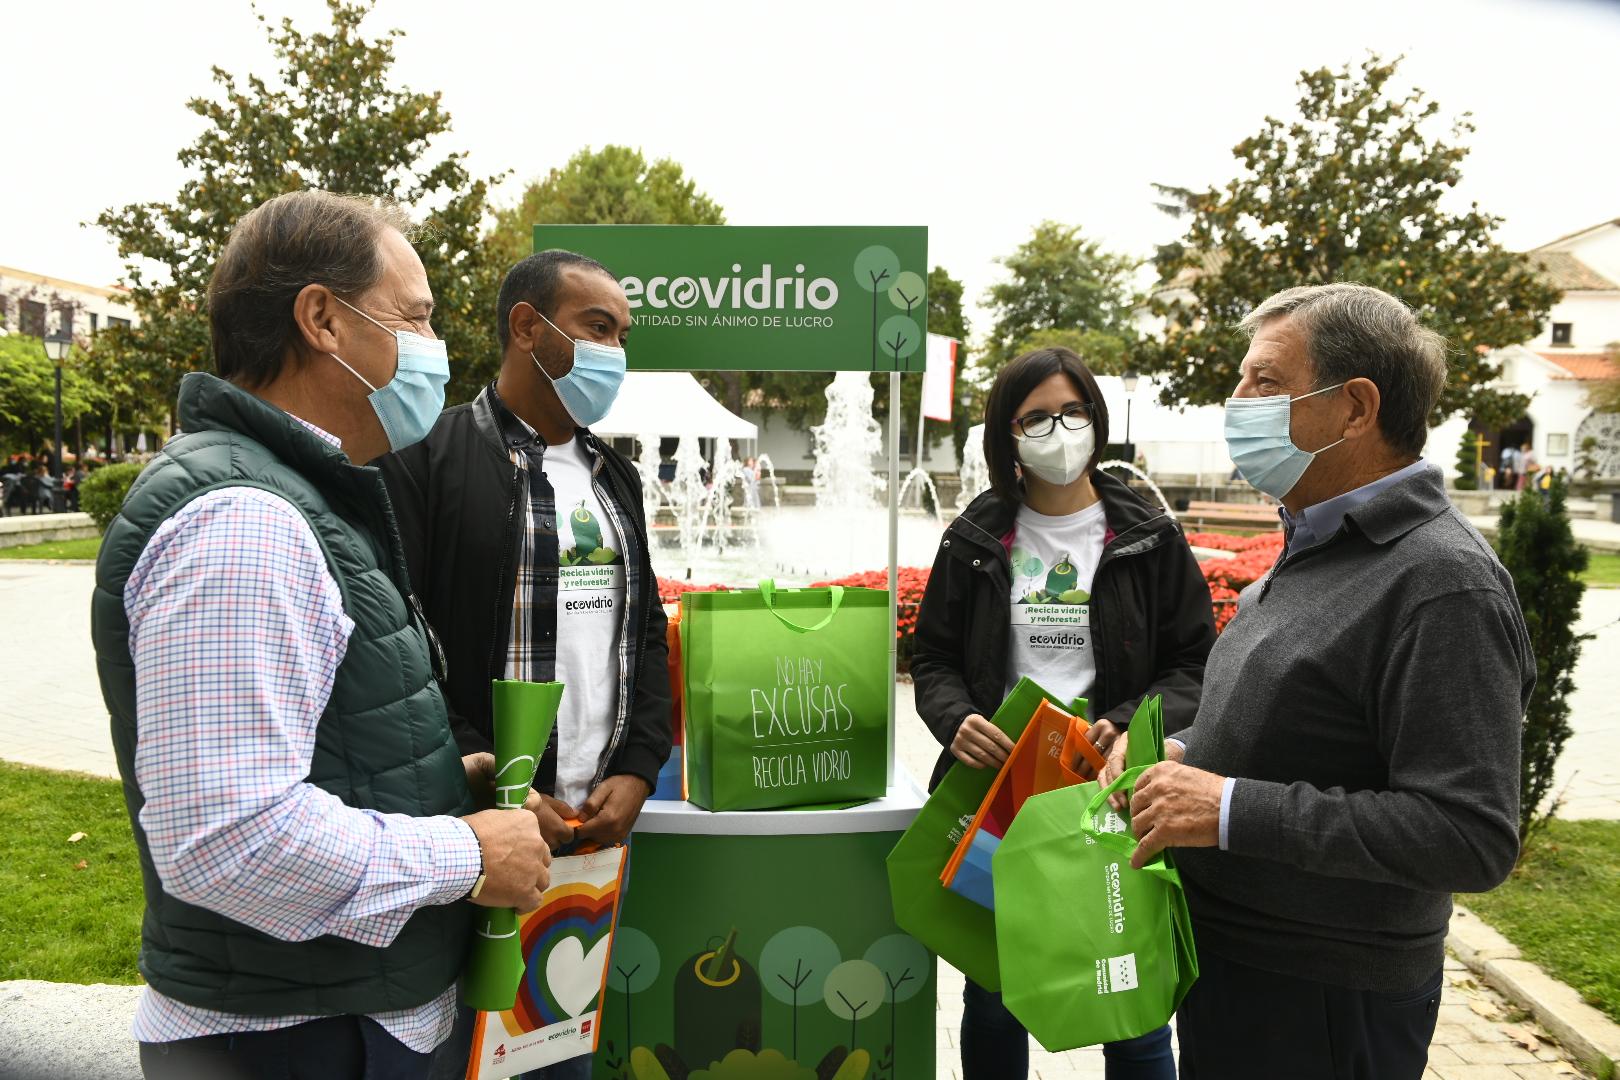 El alcalde y el concejal de Medio Ambiente, en el stand de Ecovidrio.